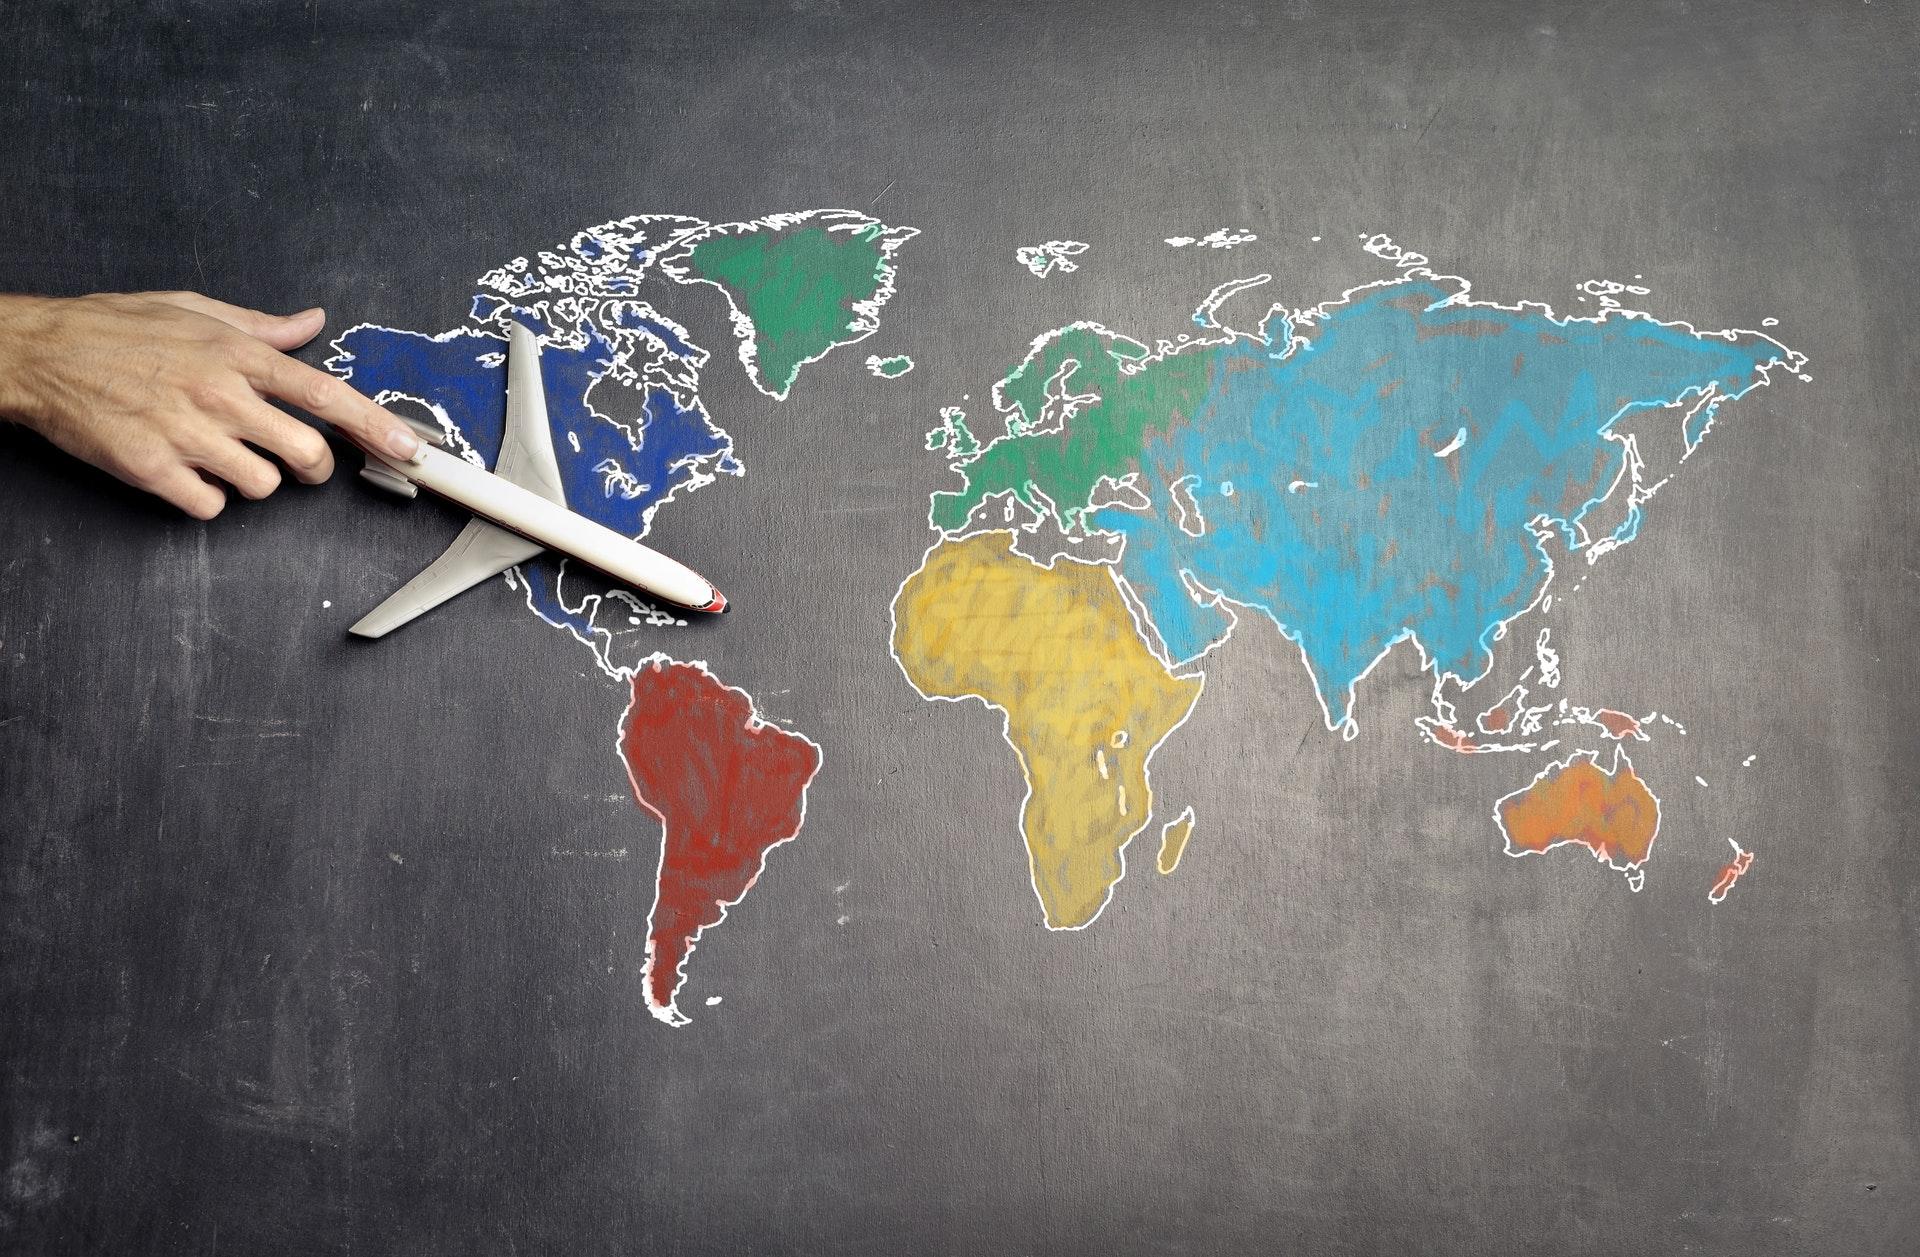 Vemos, desenhado em um quadro-negro, todos os continentes do mundo; uma pessoa, que tem uma miniatura de avião nas mãos, guia o objeto por entre as linhas do desenho (imagem ilustrativa). Texto: negócios em alta 2021.